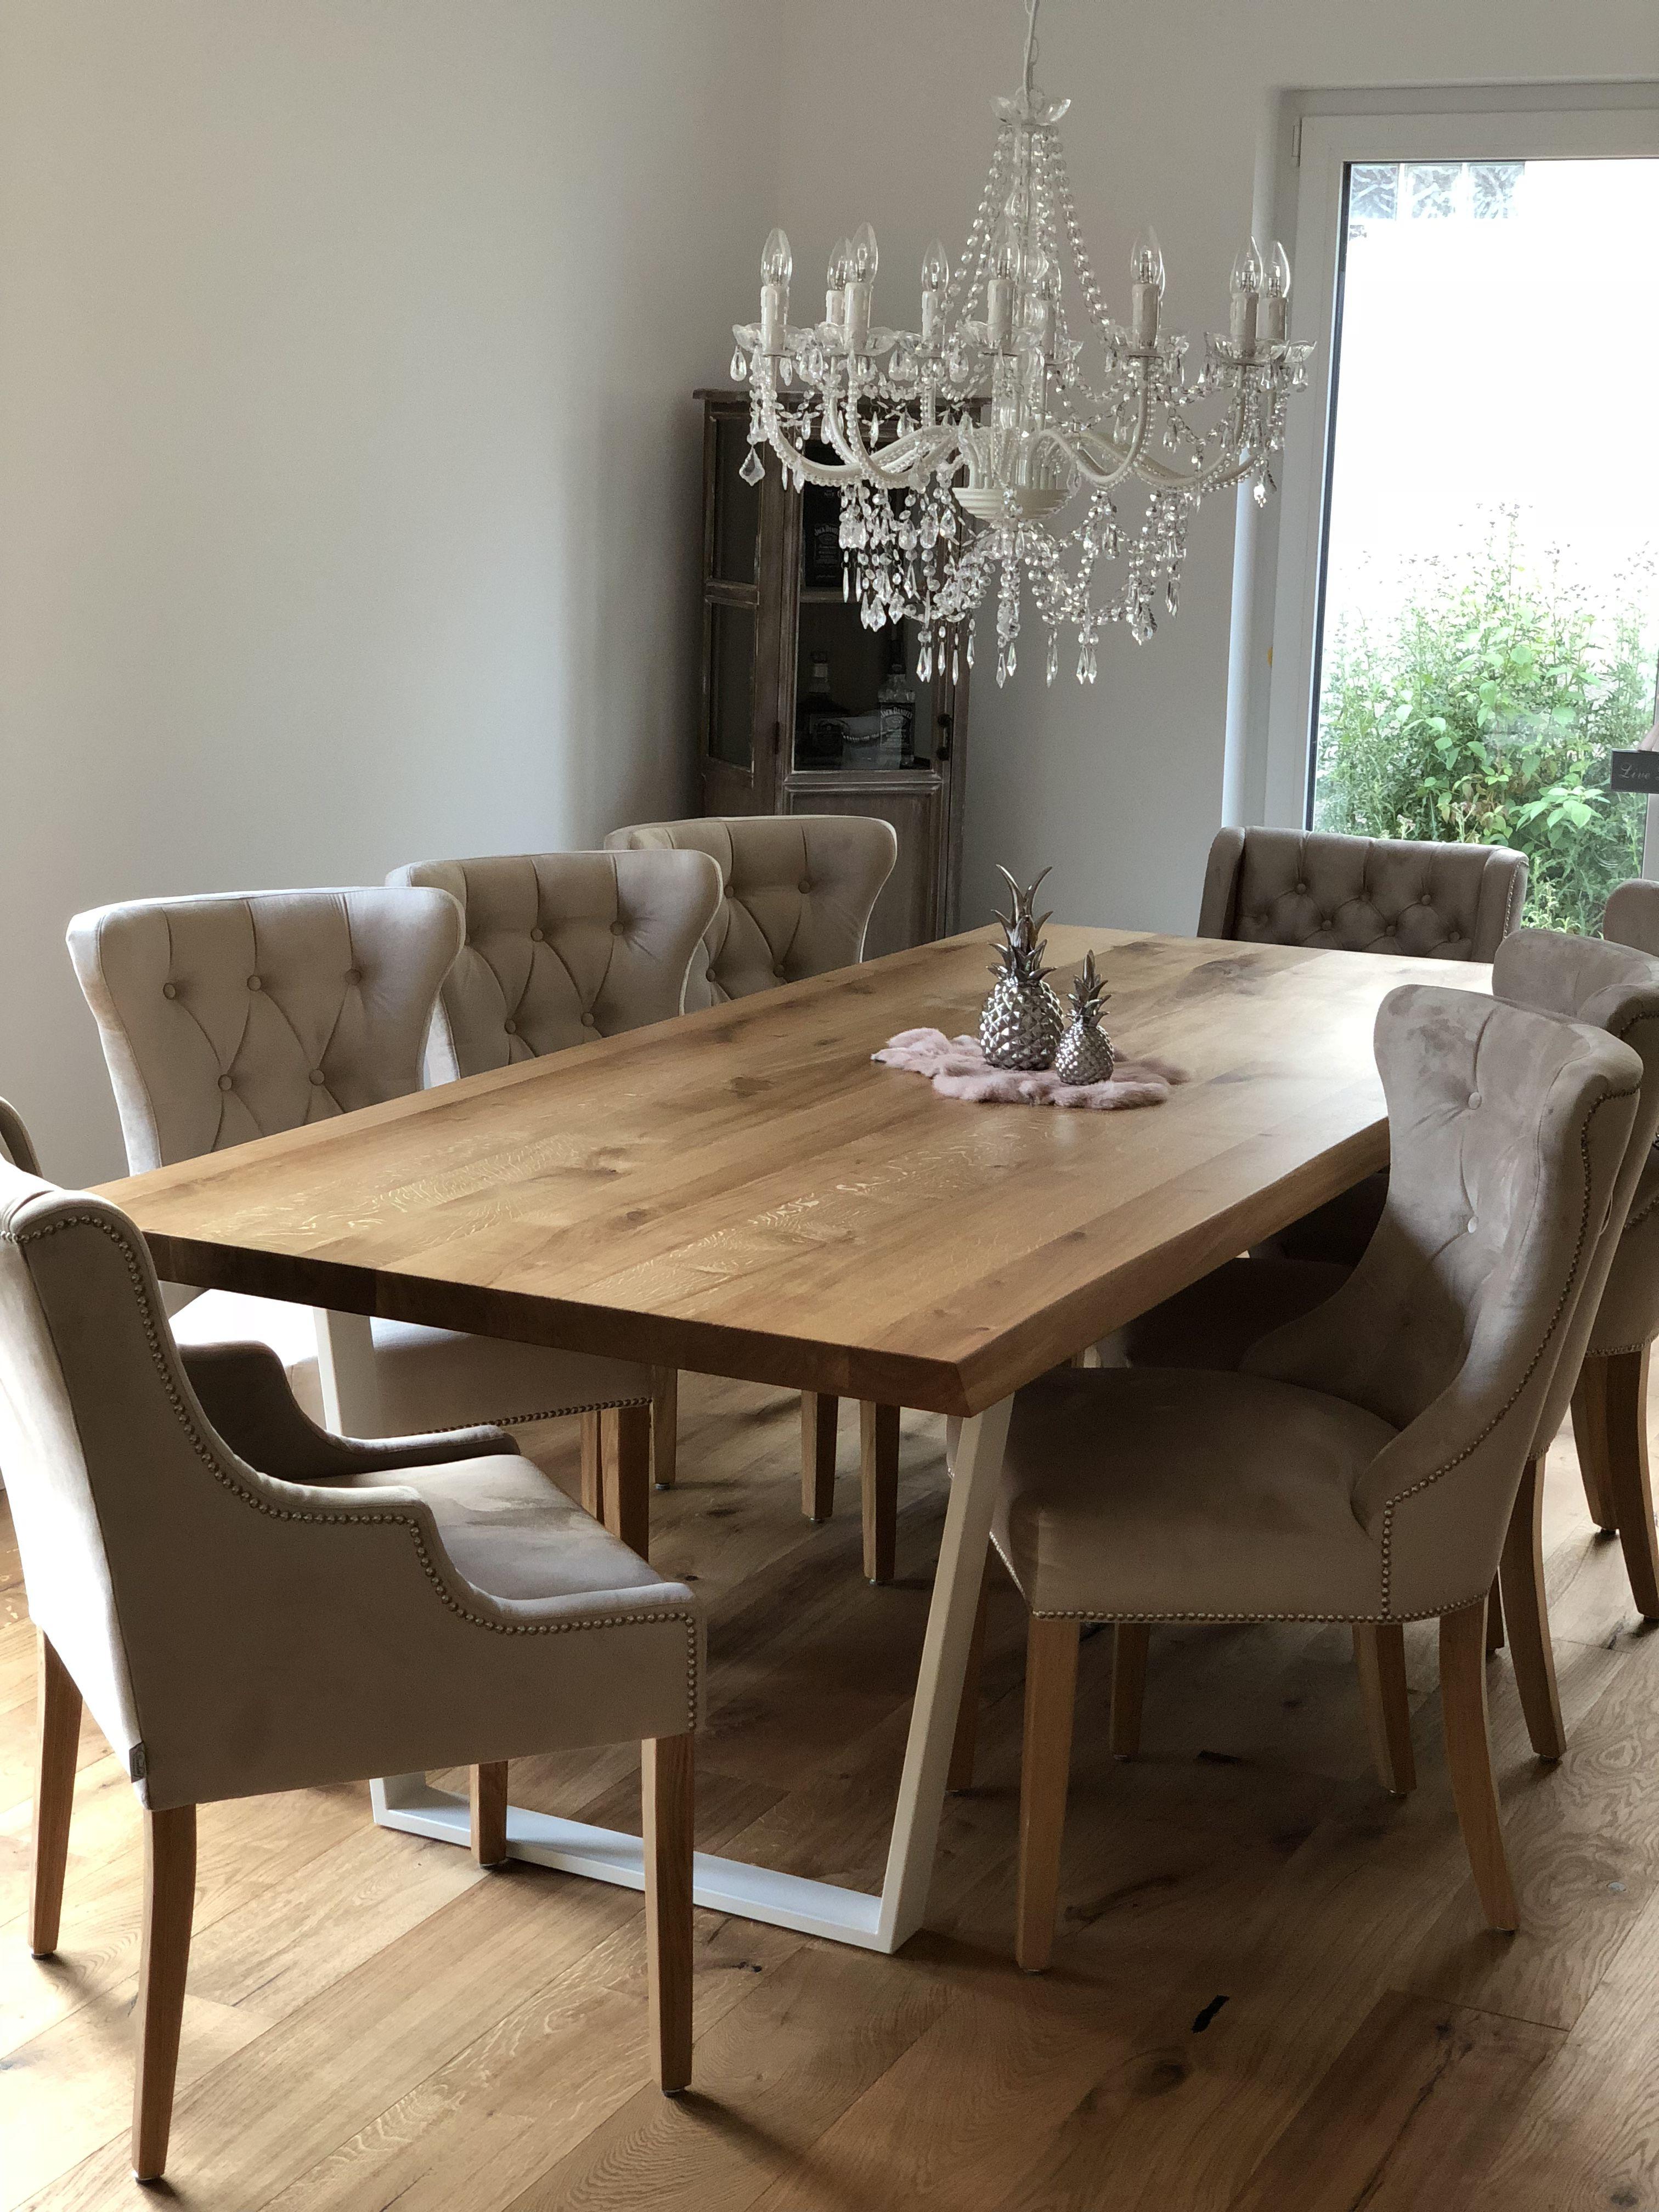 Tisch Aus Holz Fur 8 Personen Speisezimmereinrichtung Wohnung Einrichten Esstisch